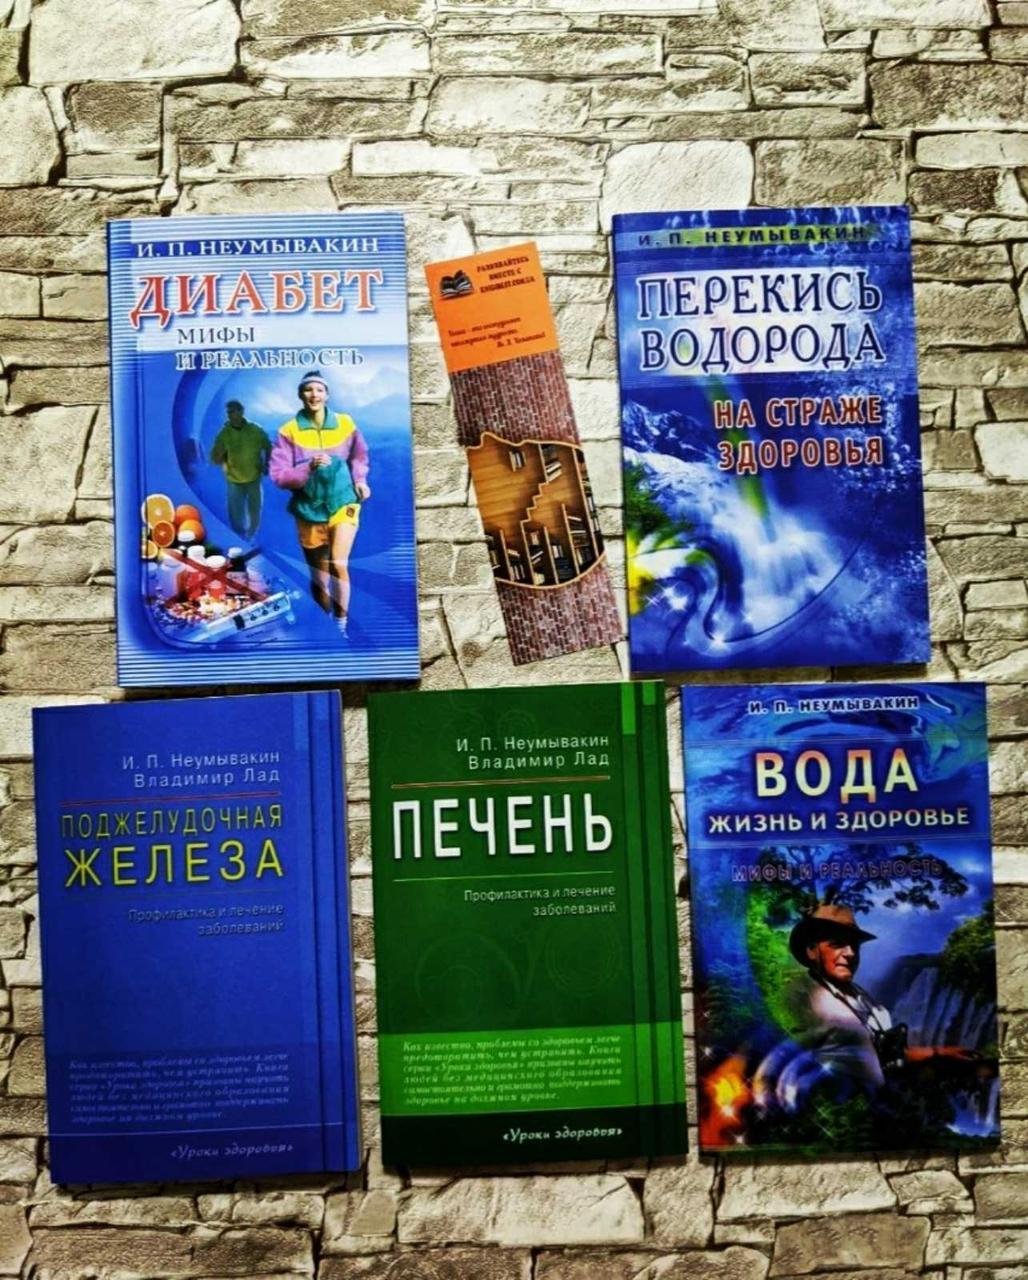 """Набор книг """"Диабет. Мифы и реальность"""" """"Вода. Жизнь и здоровье"""", """"Печень"""" и др. Неумывакин"""